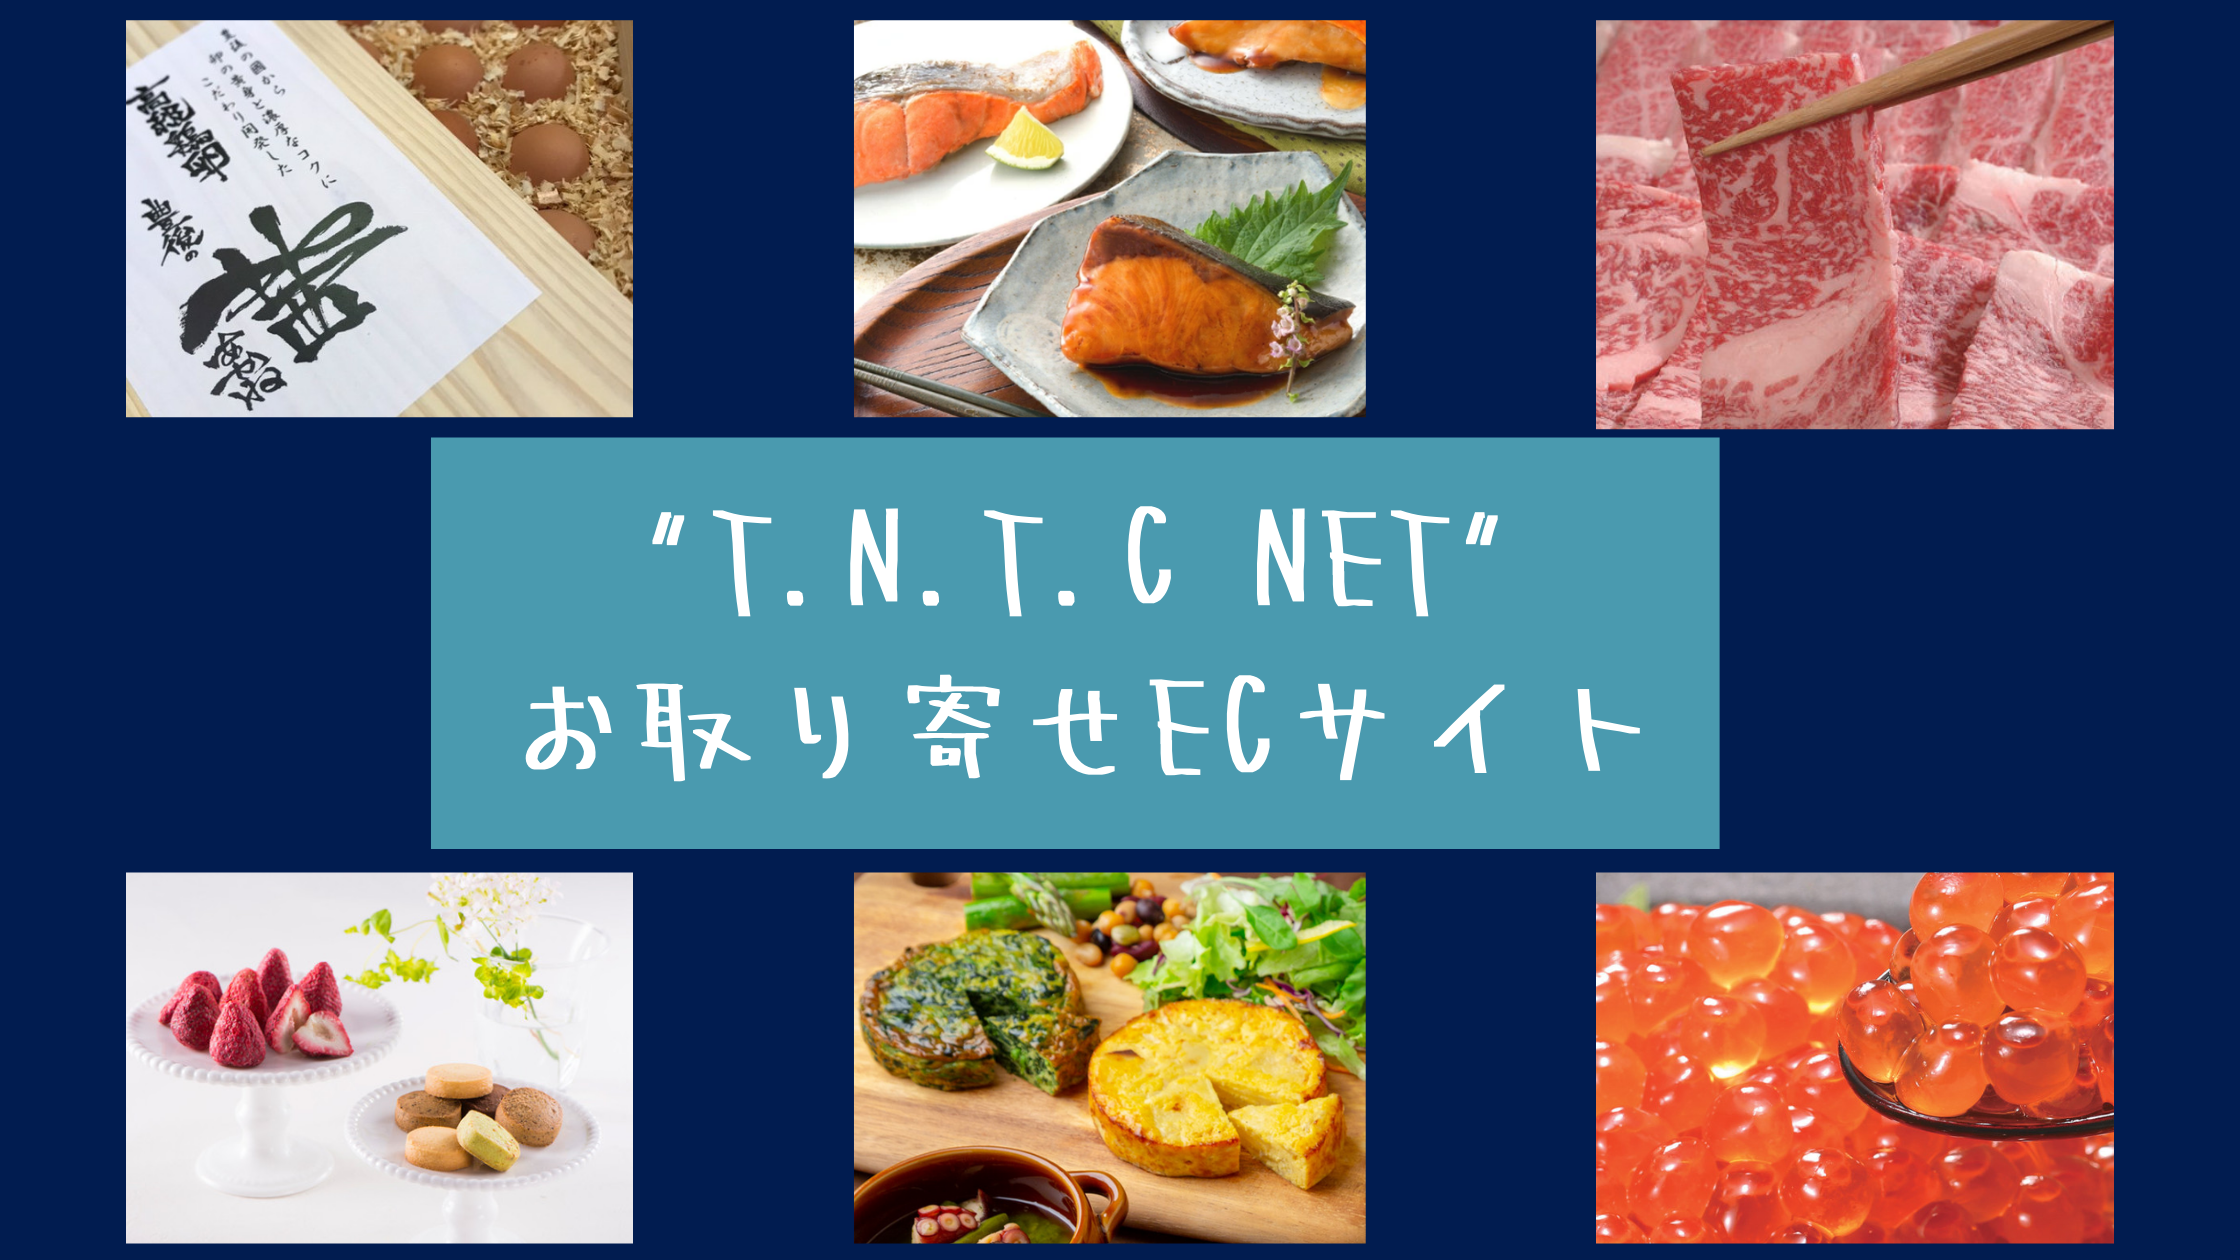 TNTC NET